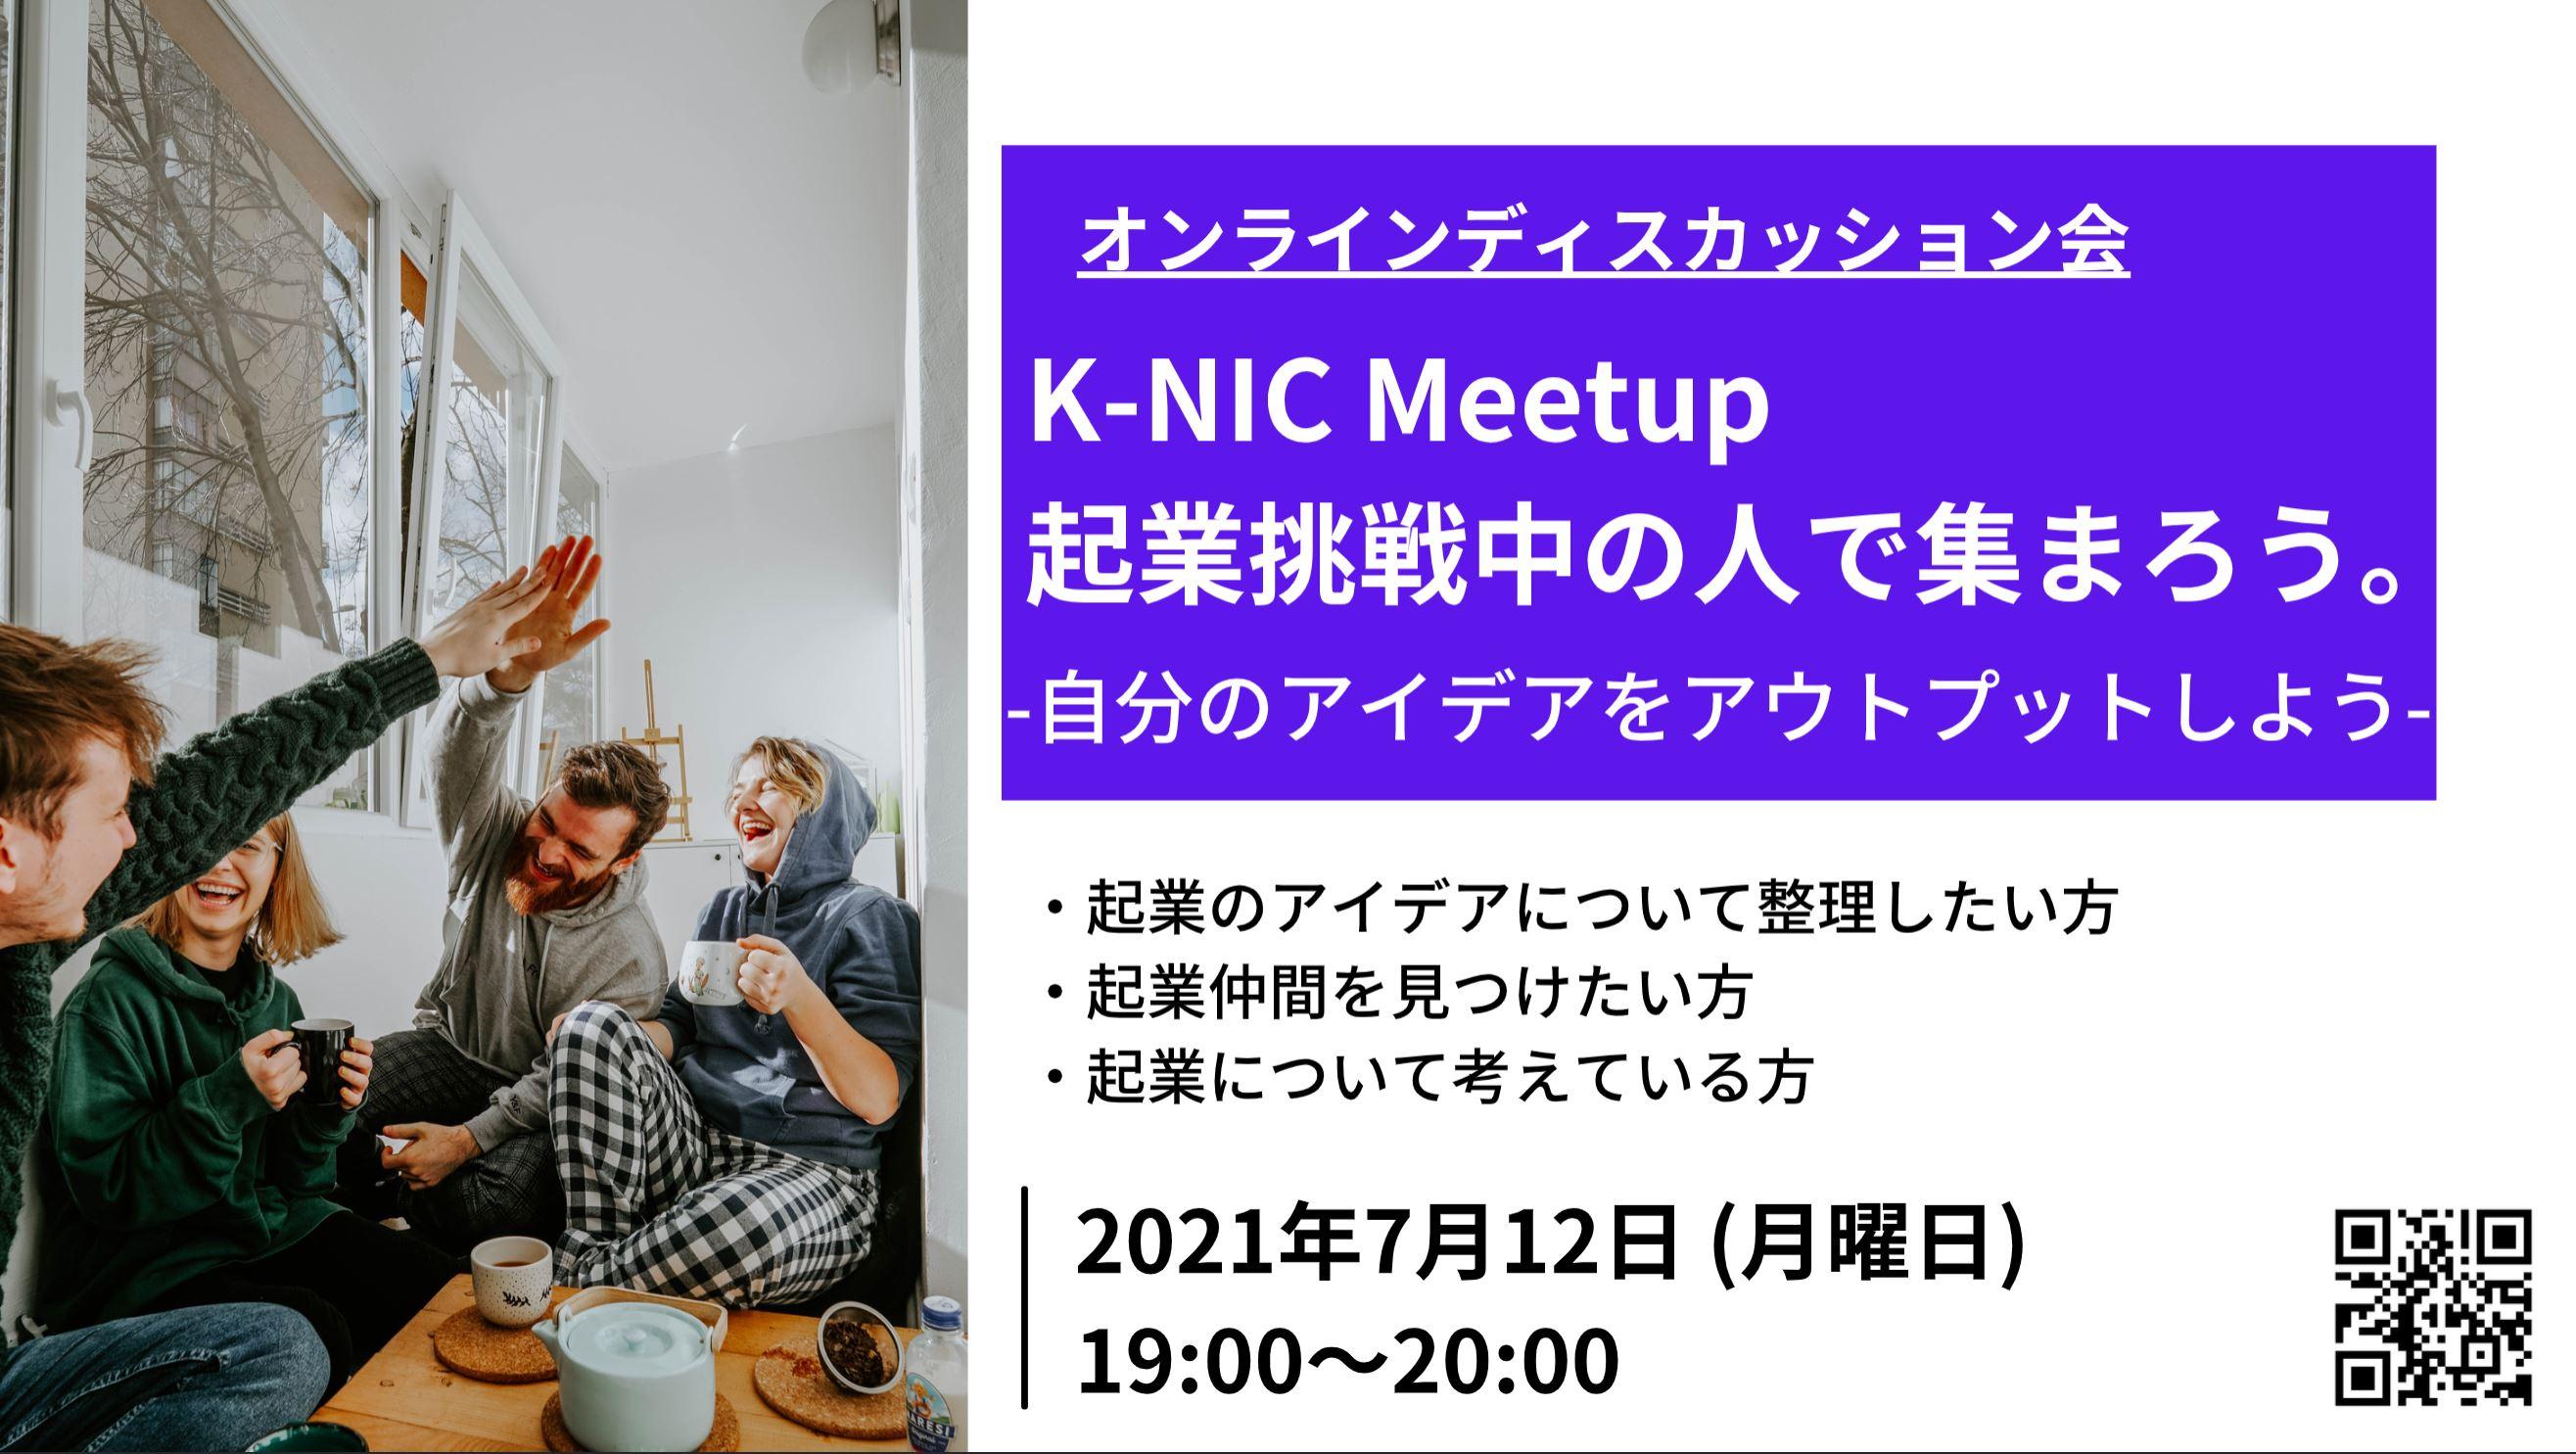 【7/12開催】 K-NIC Meetup 起業挑戦中の人で集まろう